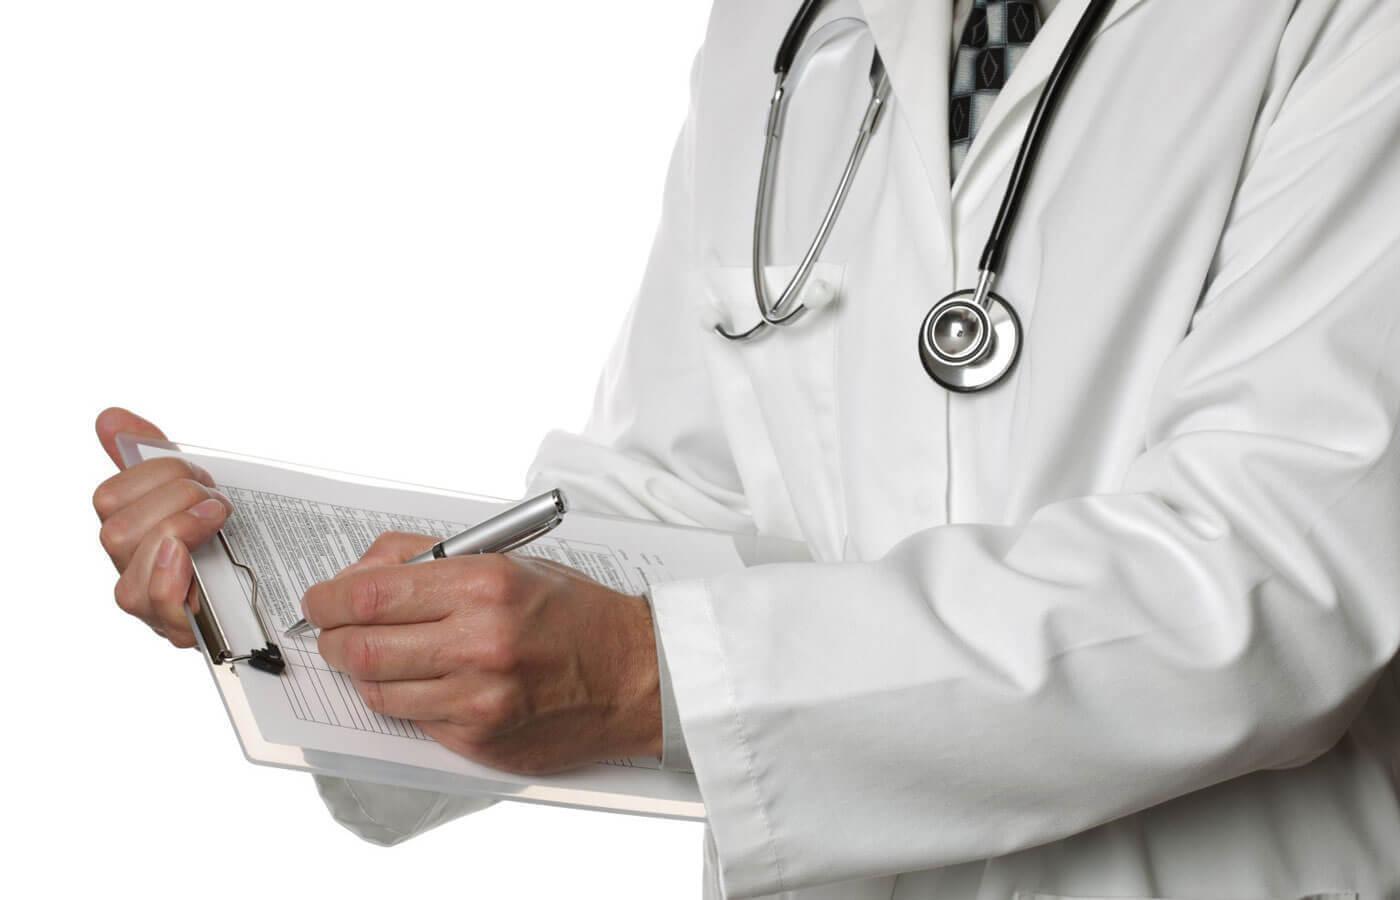 Назначение, правильная подготовка к УЗИ малого таза и процедура обследования